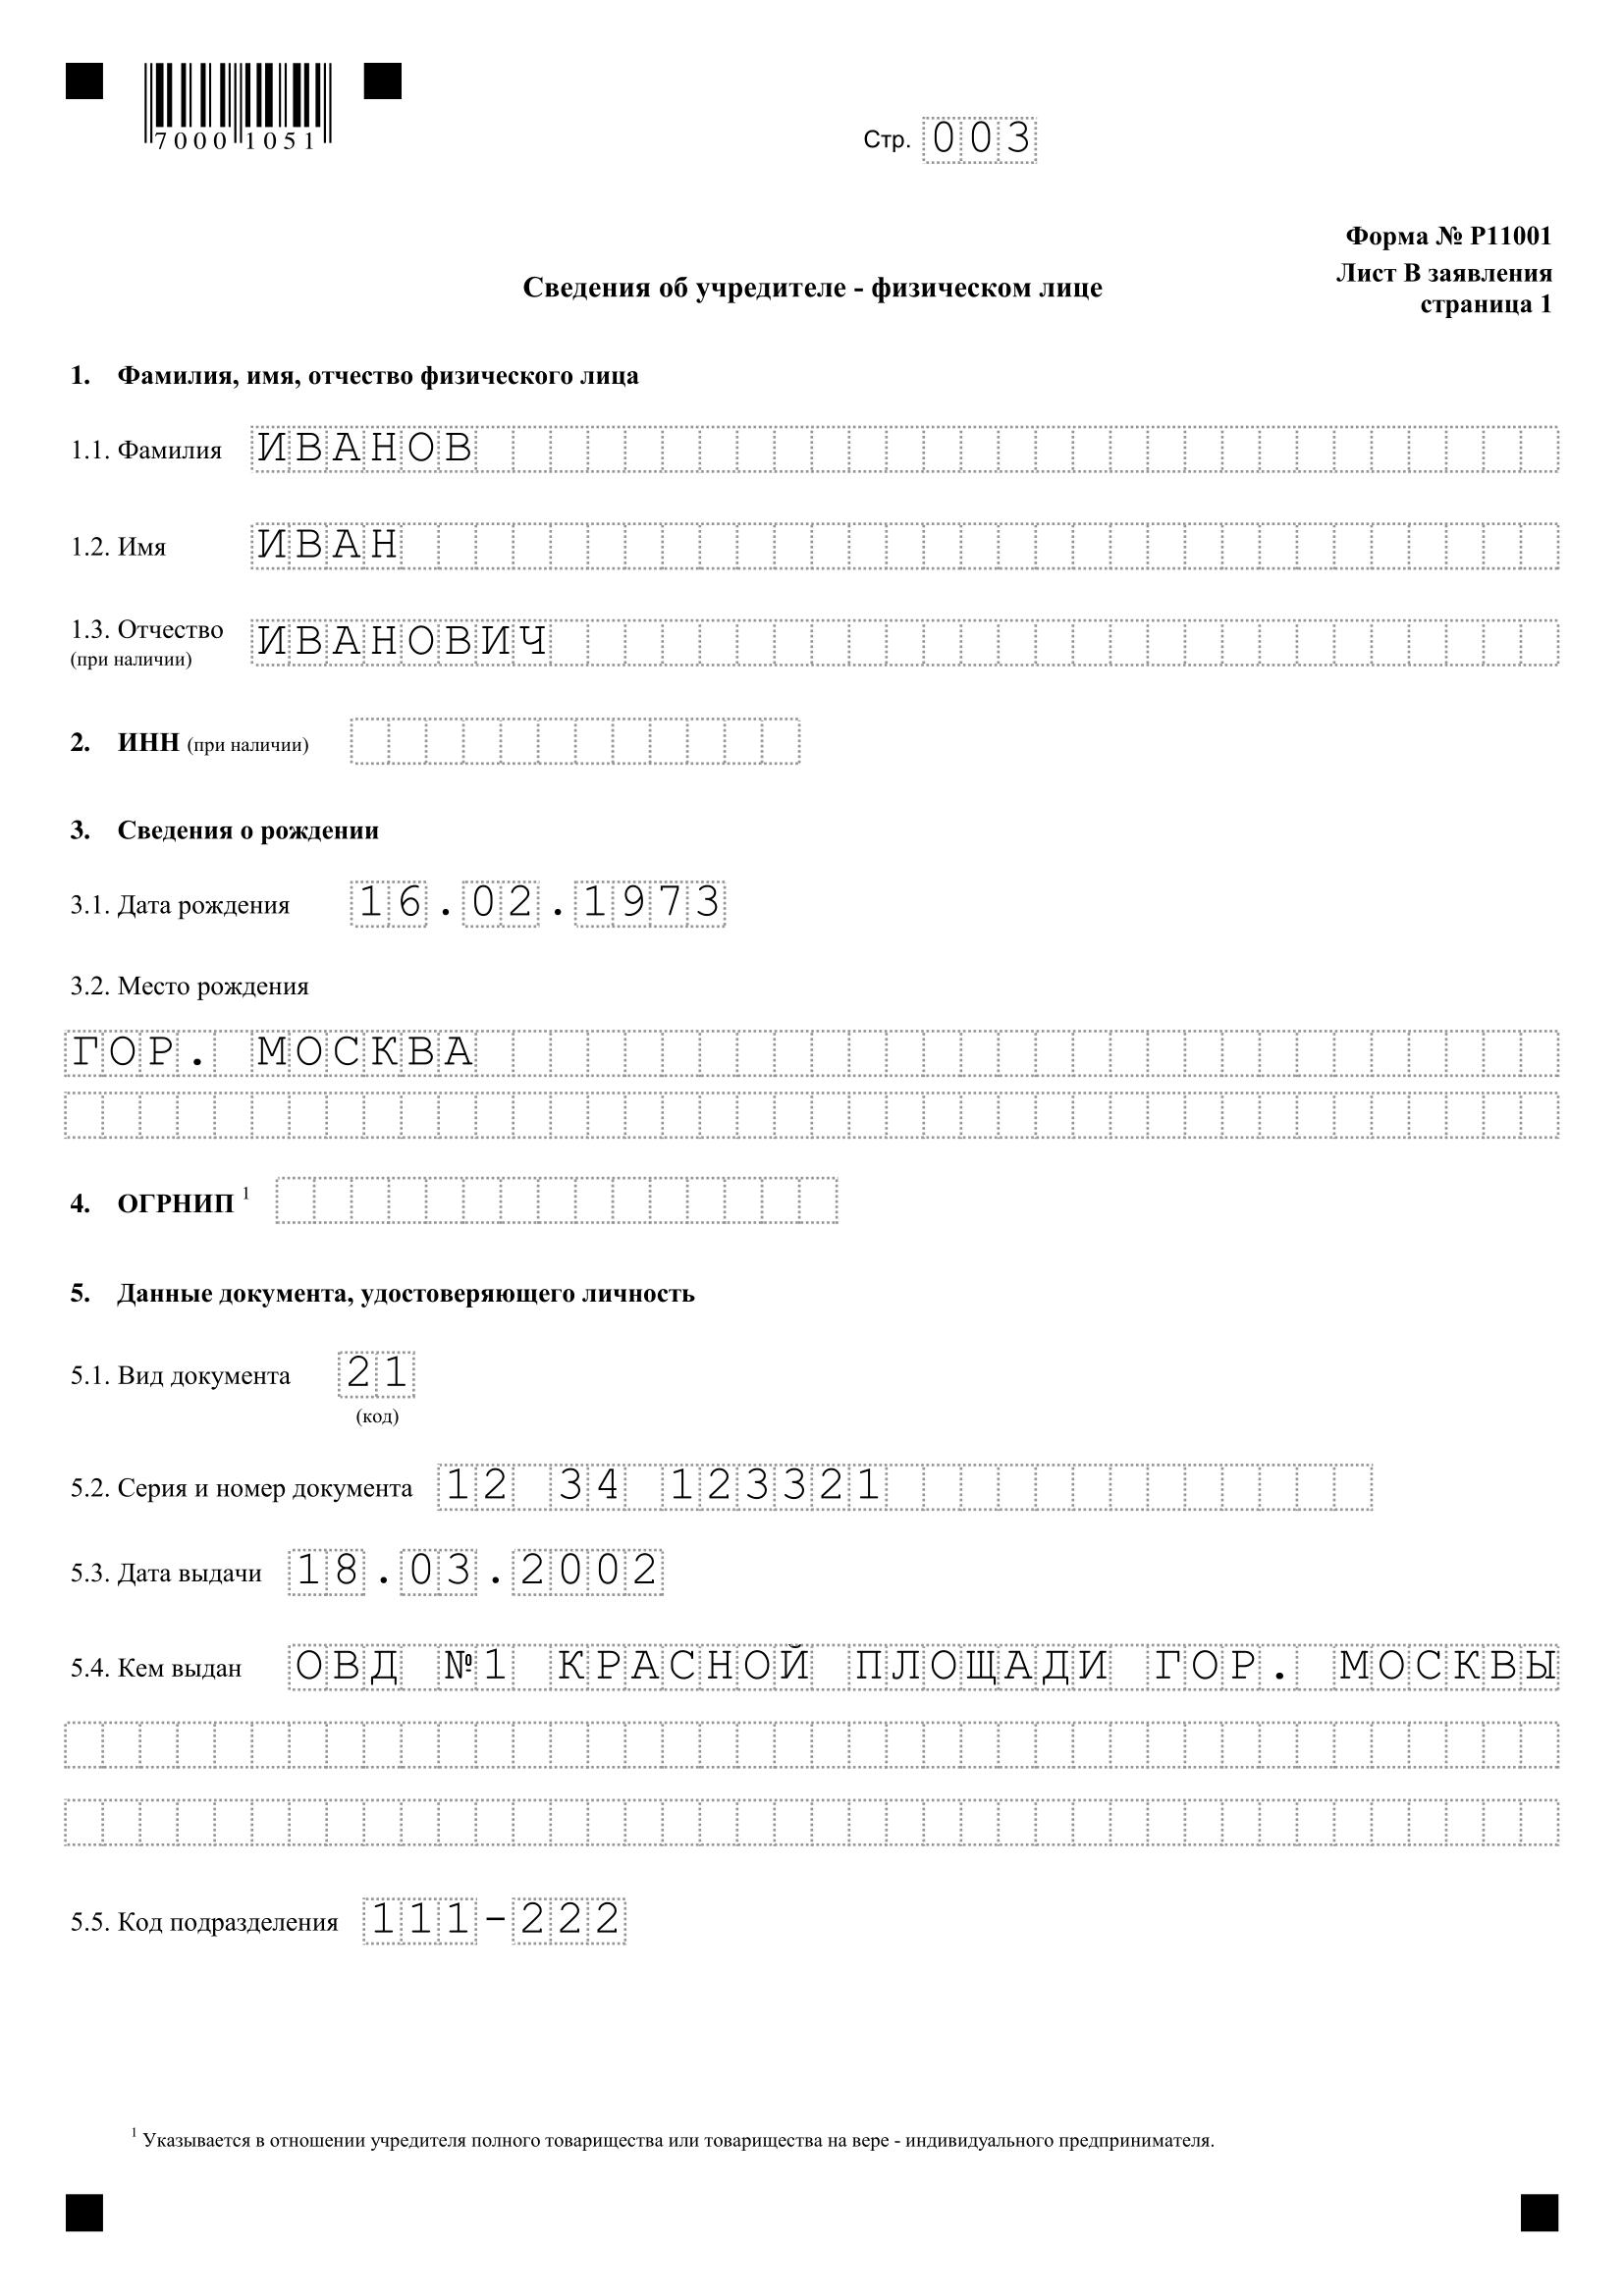 Заявление формы р11001 бланк скачать